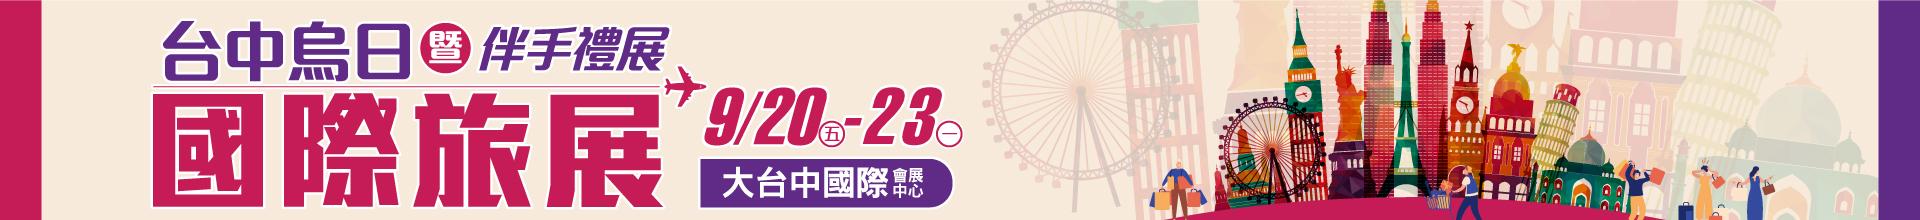 2019台中烏日旅展暨伴手禮展